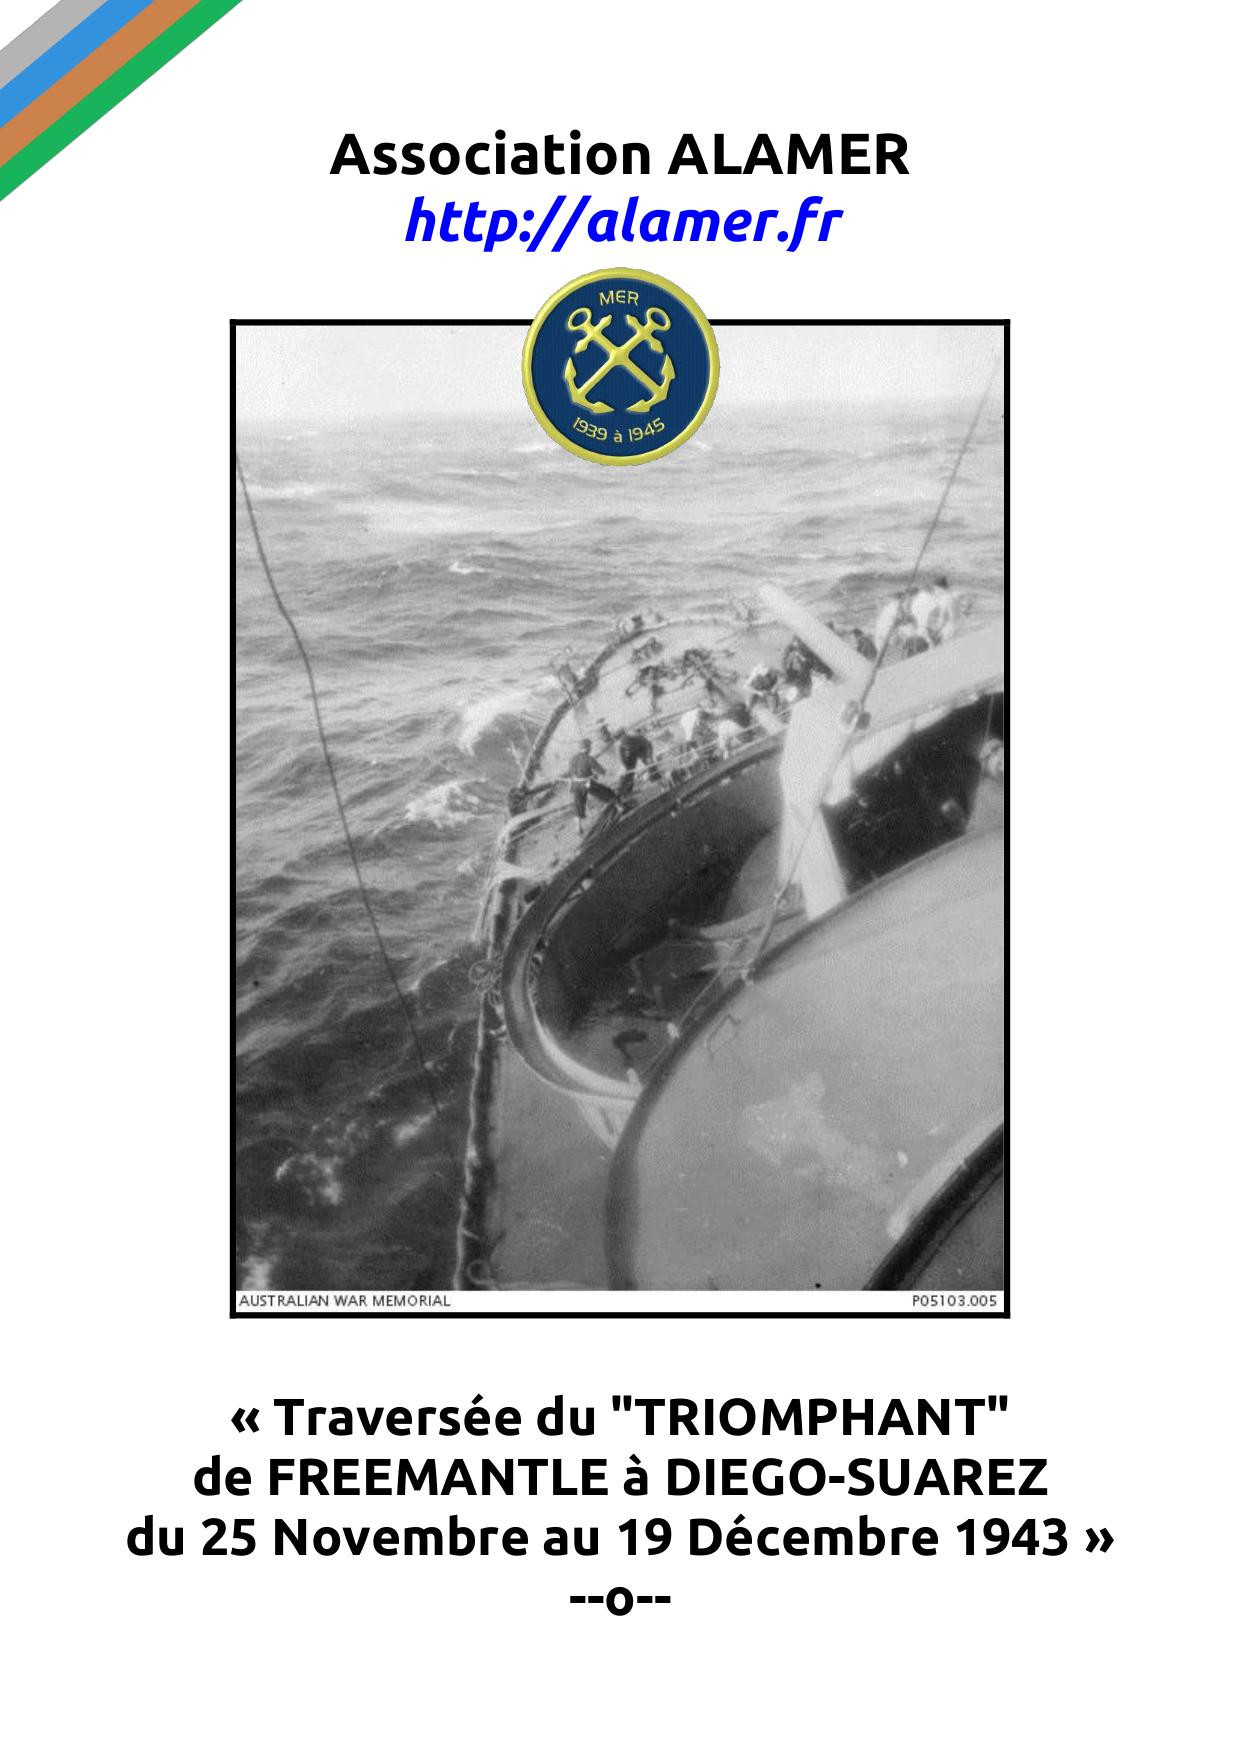 « Traversée du TRIOMPHANT de FREEMANTLE à DIEGO-SUAREZ du 25 Novembre au 19 Décembre 1943 » par Association ALAMER